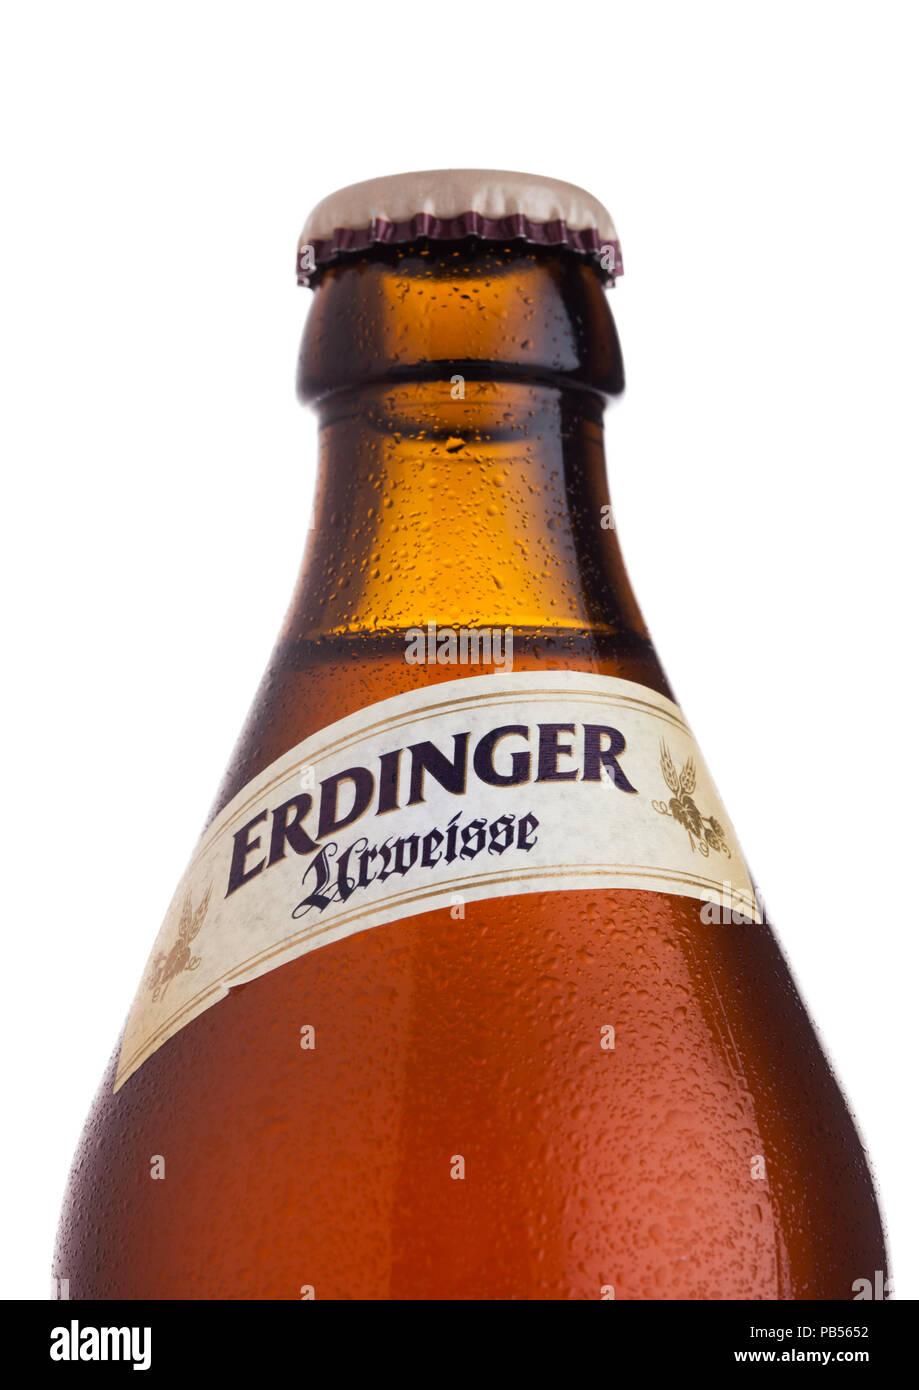 LONDON, UK, 28. JULI 2018: Flasche Erdinger Urweisse Bier auf einem weißen Hintergrund. Erdinger ist das Produkt der weltweit größten Weißbierbrauerei. Stockbild